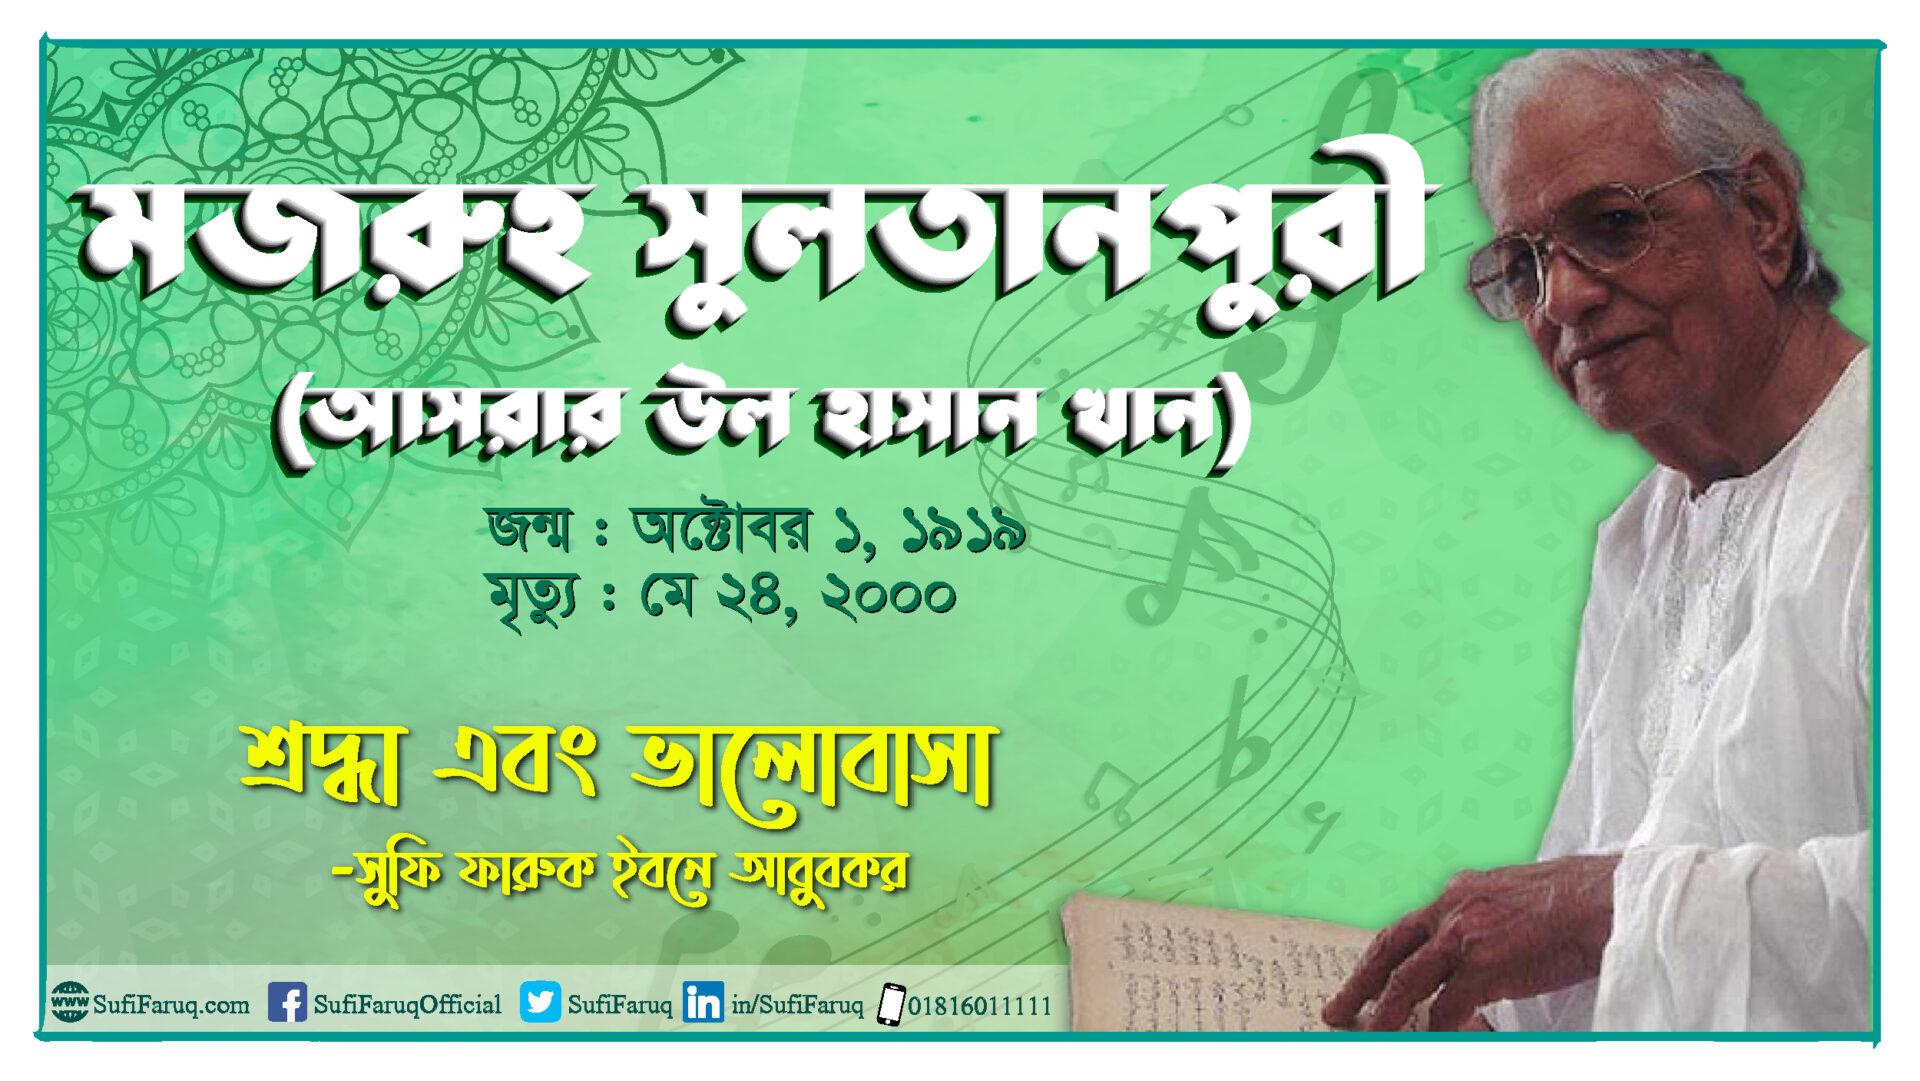 মজরুহ সুলতানপুরী । Majrooh Sultanpuri, Poet, Lyricist - Remembrance Banner of Sufi Faruq Ibne Abubakar WS